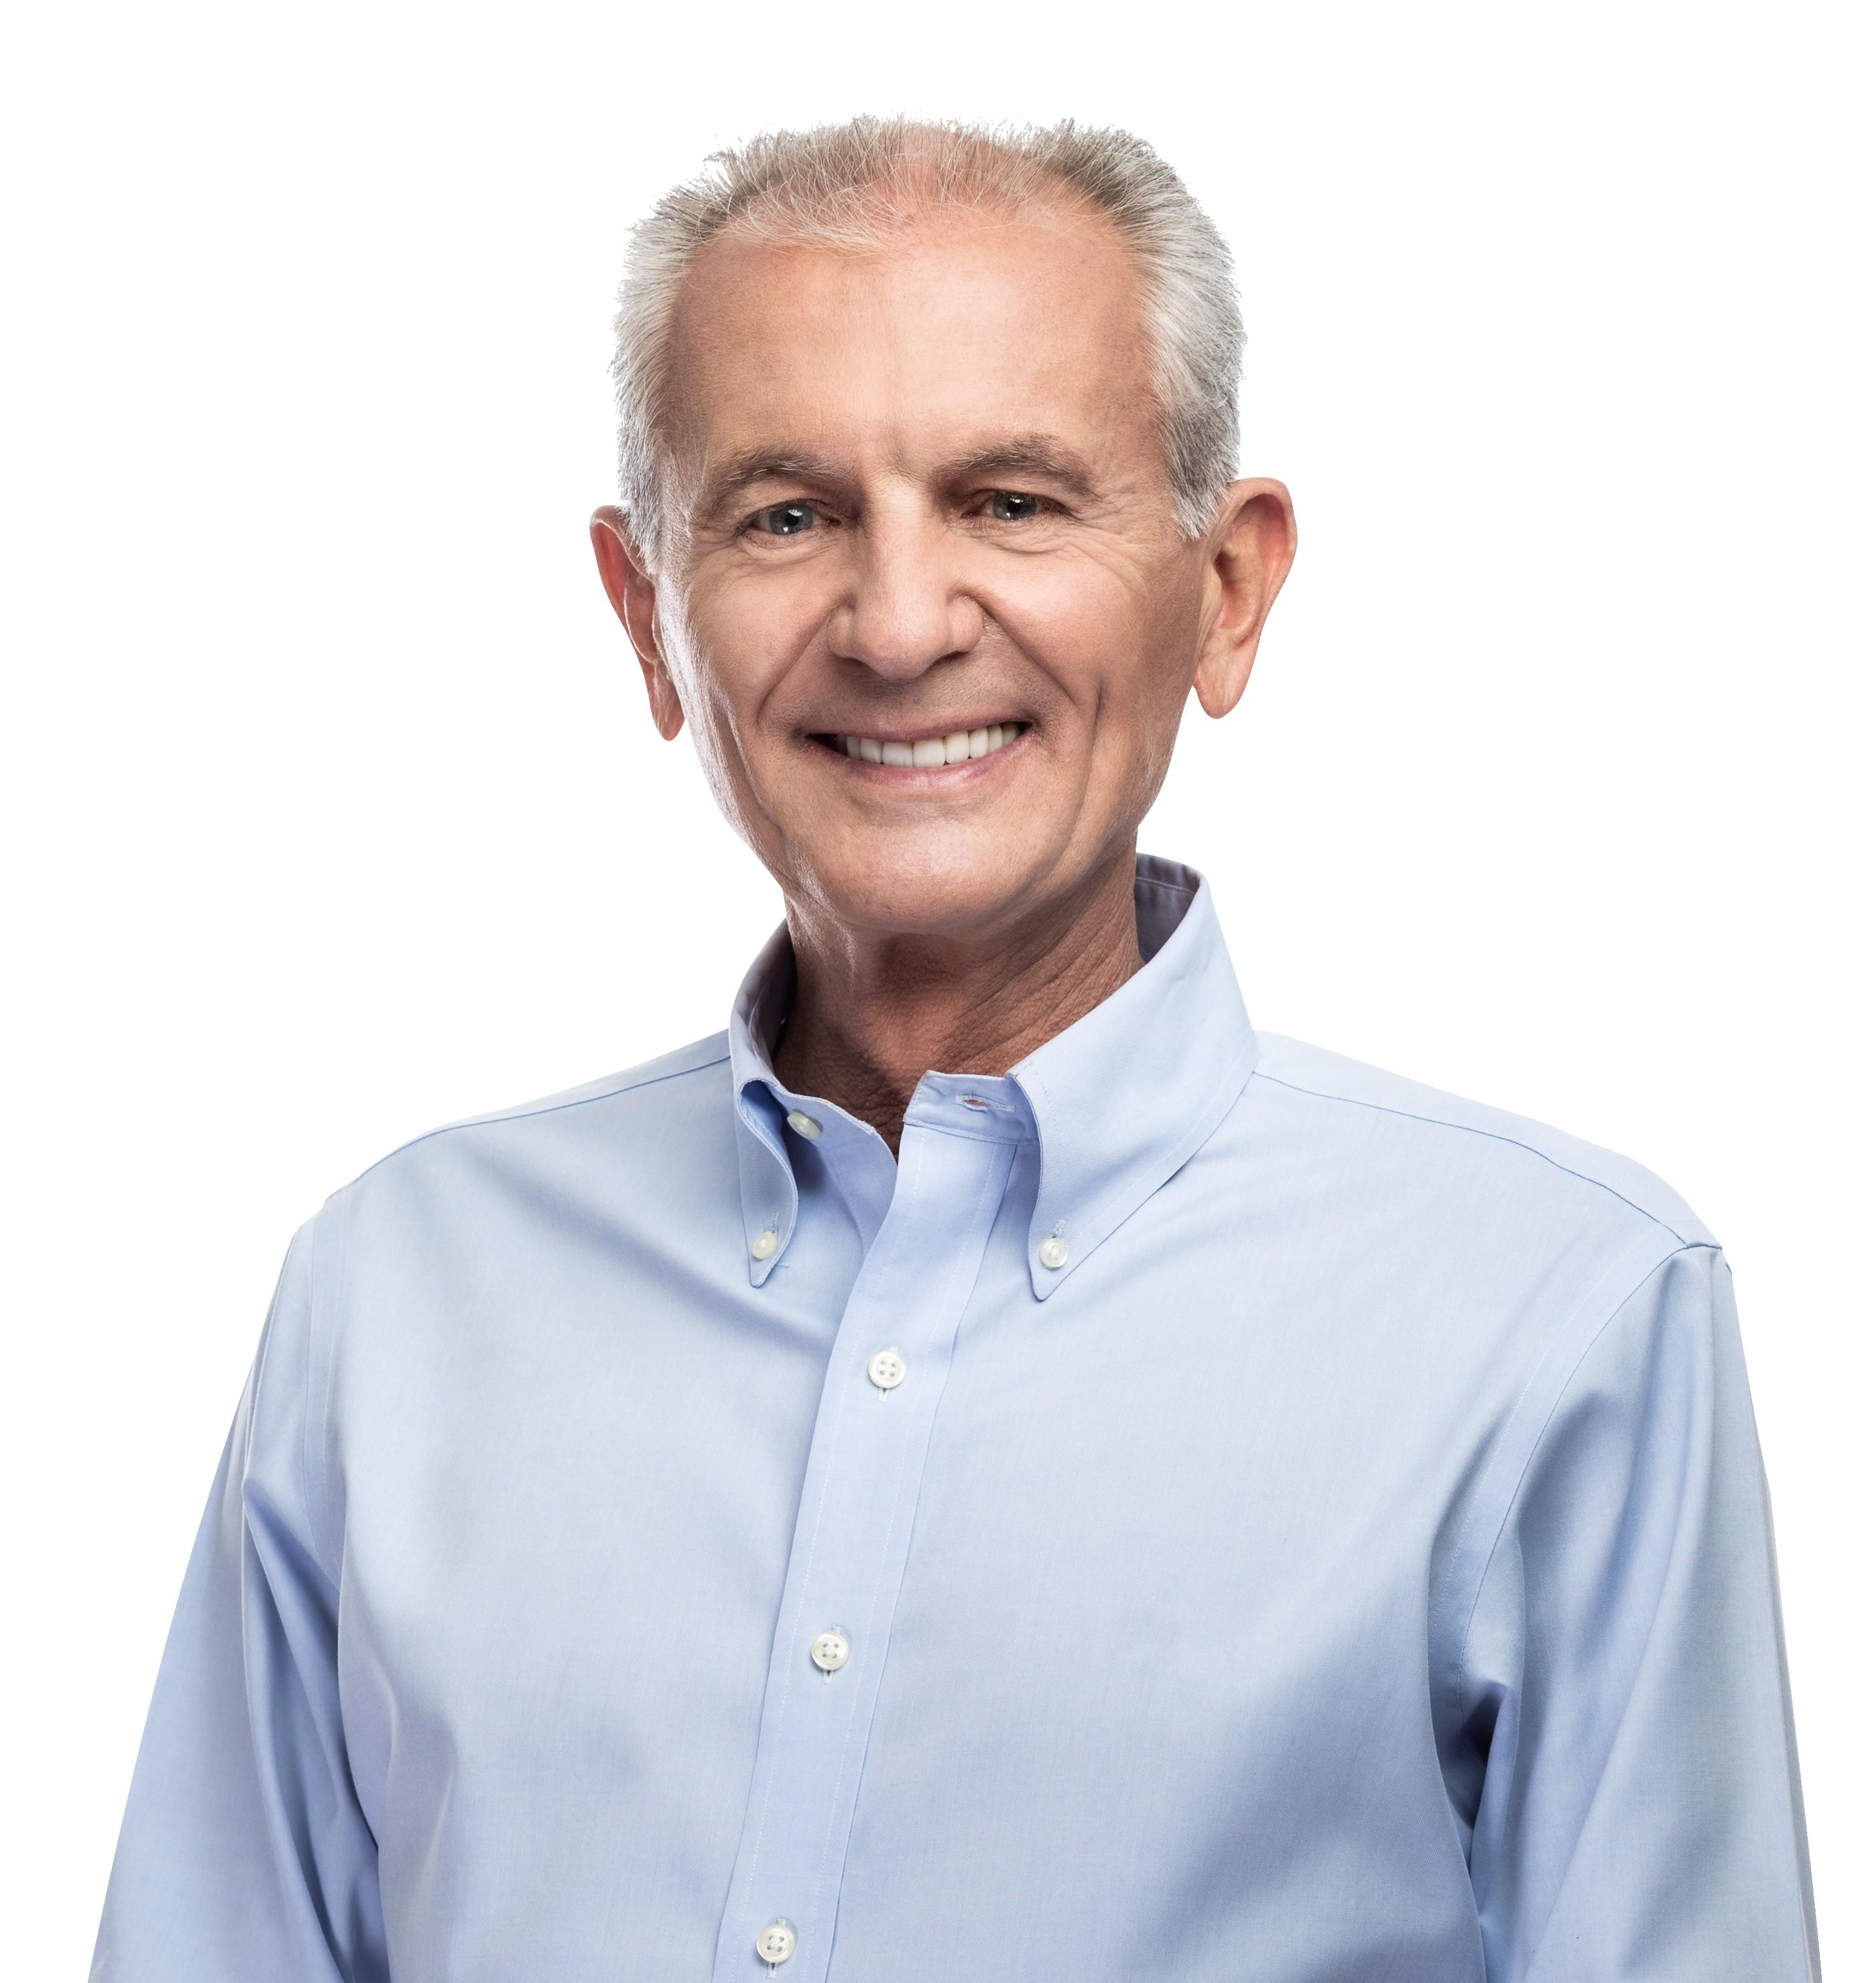 Mario Botion, do PSD, é eleito prefeito de Limeira